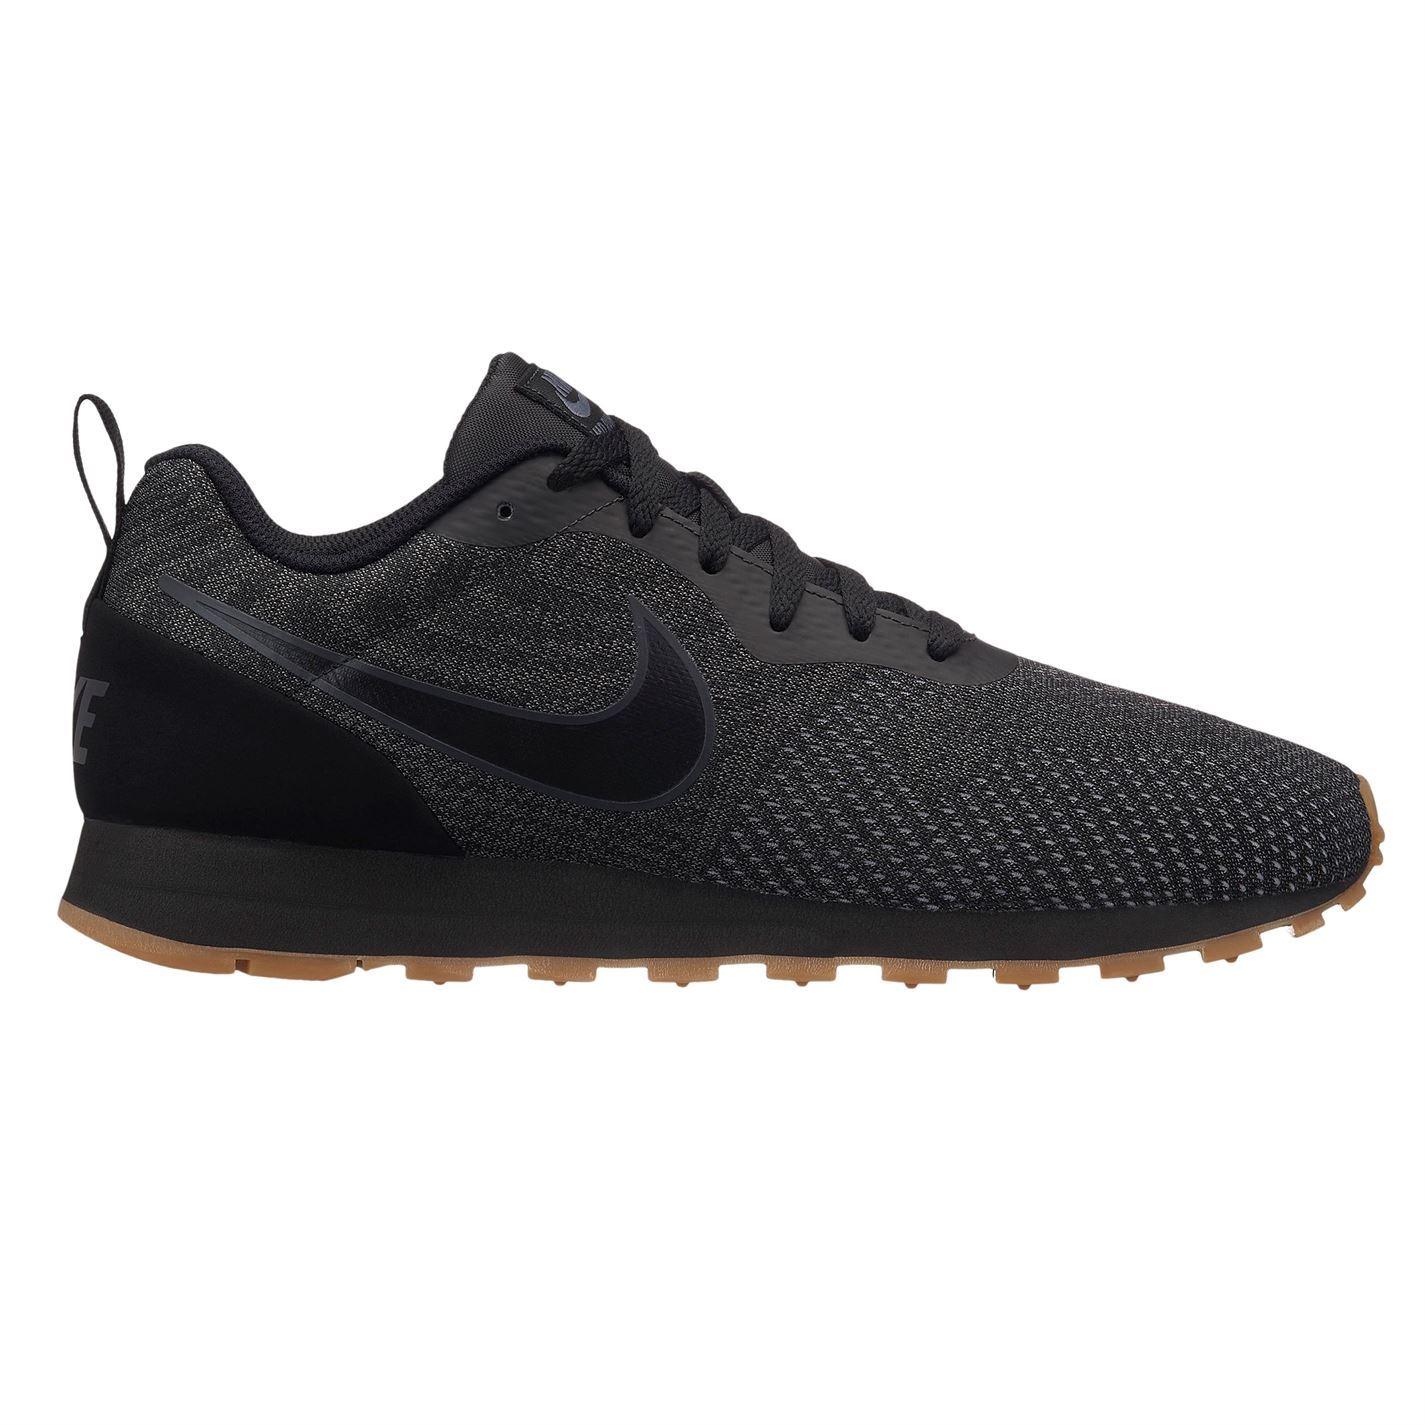 Nike Athleisure Md Para Runner Calzado ado 2 Zapatillas Malla Dise Hombre 7A6x7qa